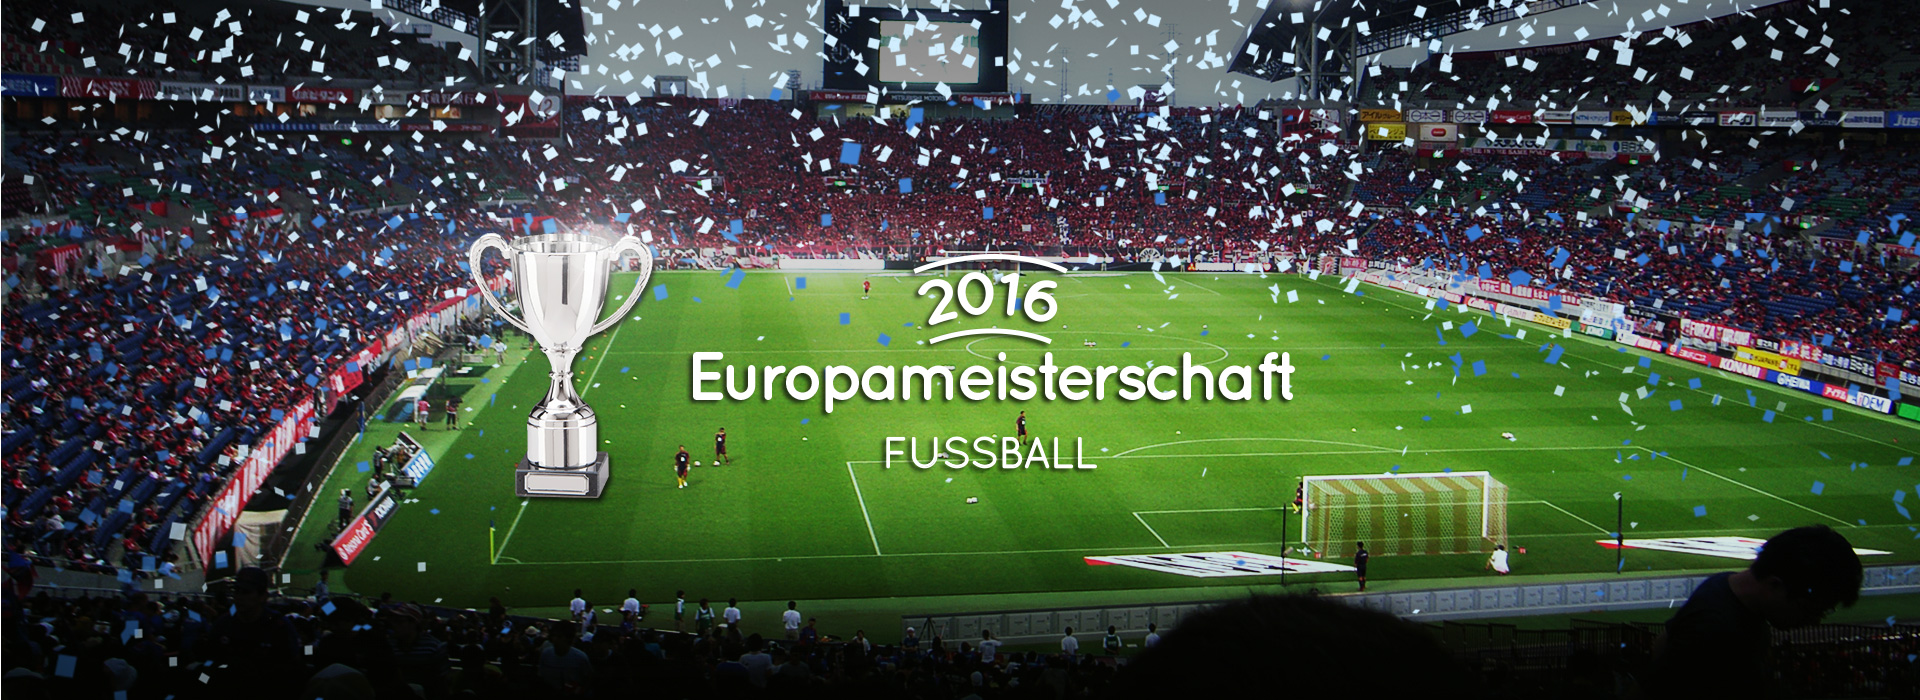 Die Fußball-Europameisterschaft ist vorbei!